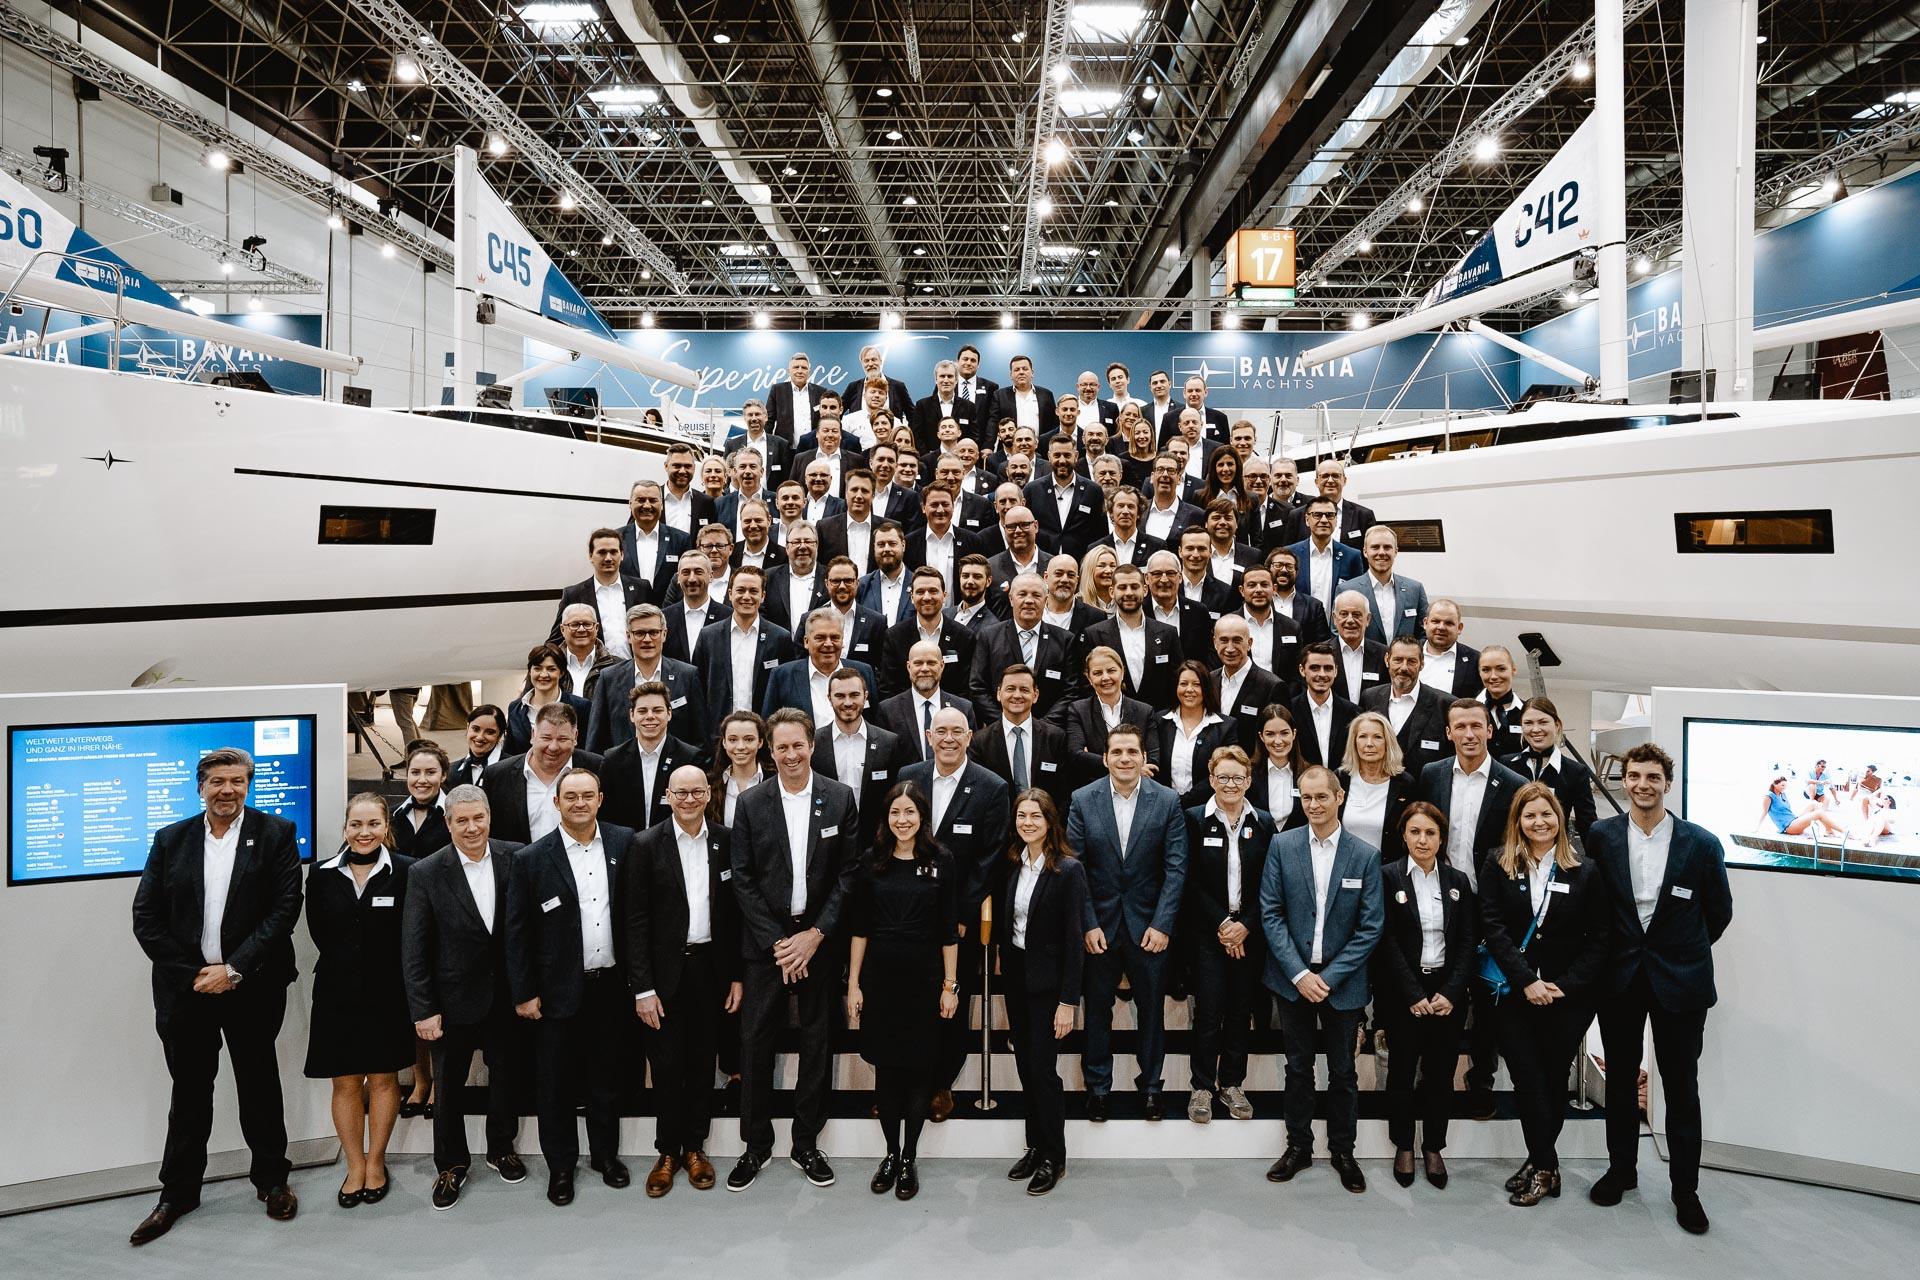 巴伐利亚两款船型全球首发-1.20-微信图片_20200120112301